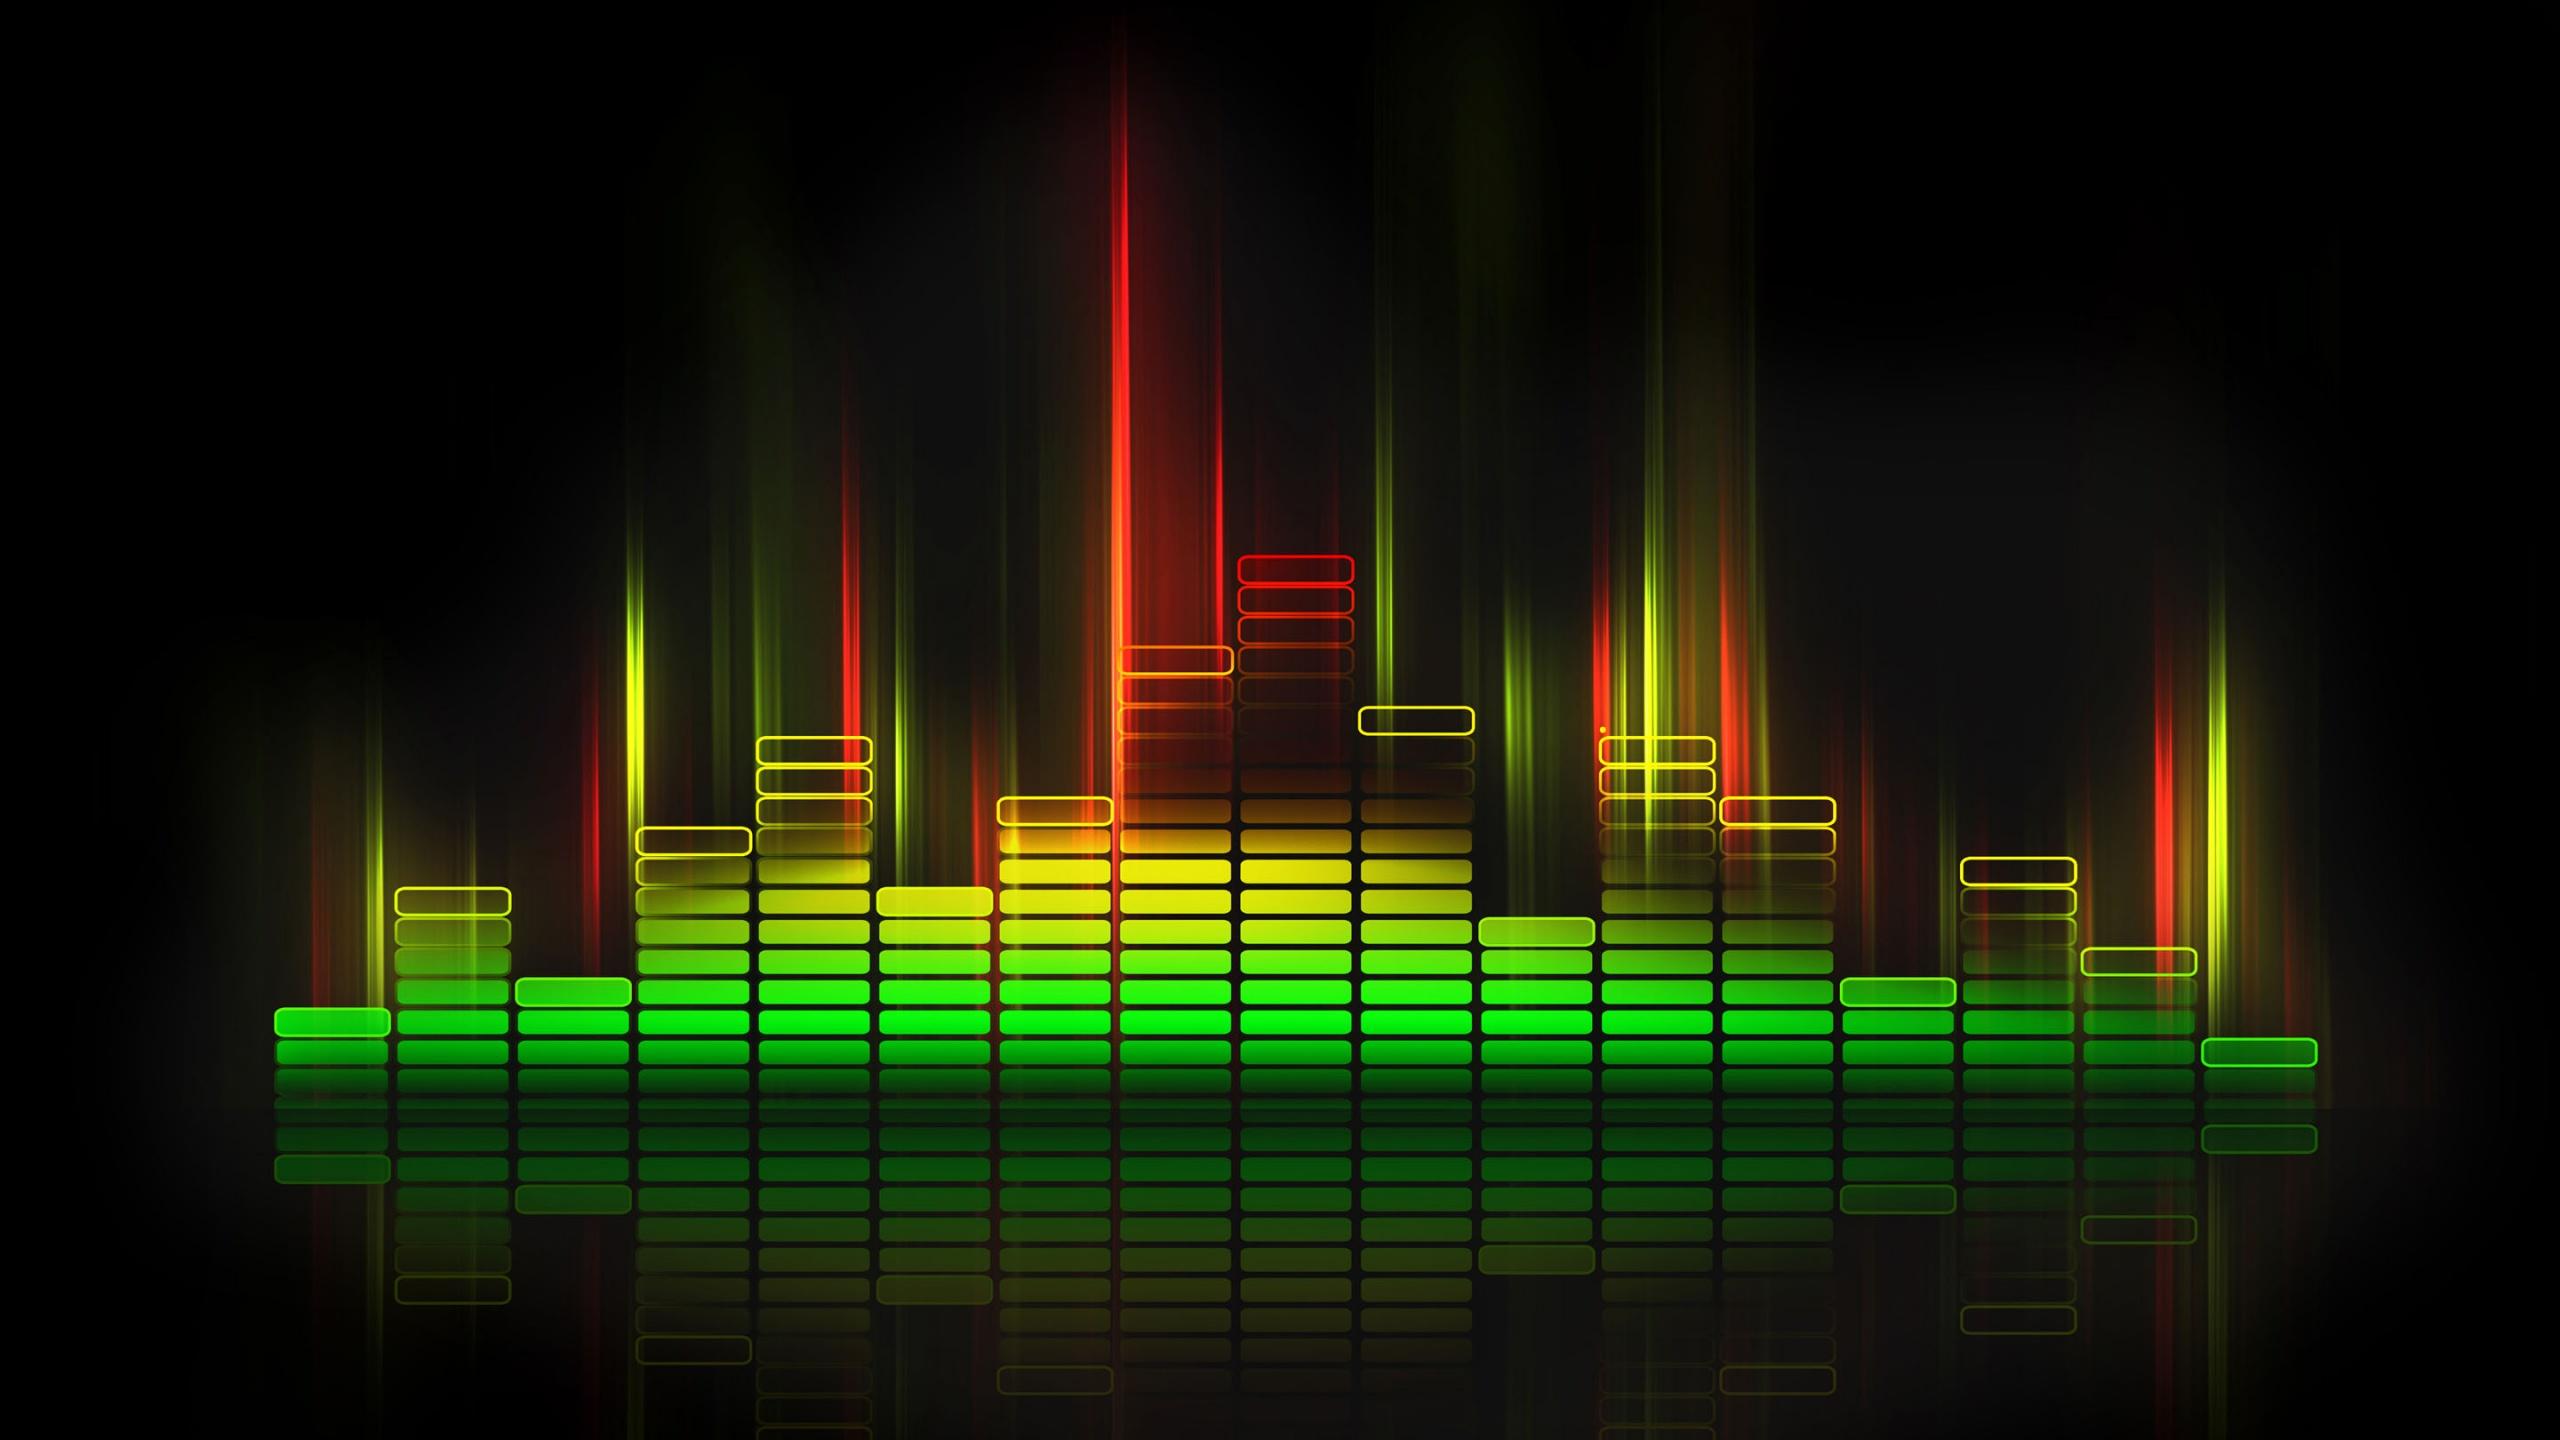 Image of digital sound waves.